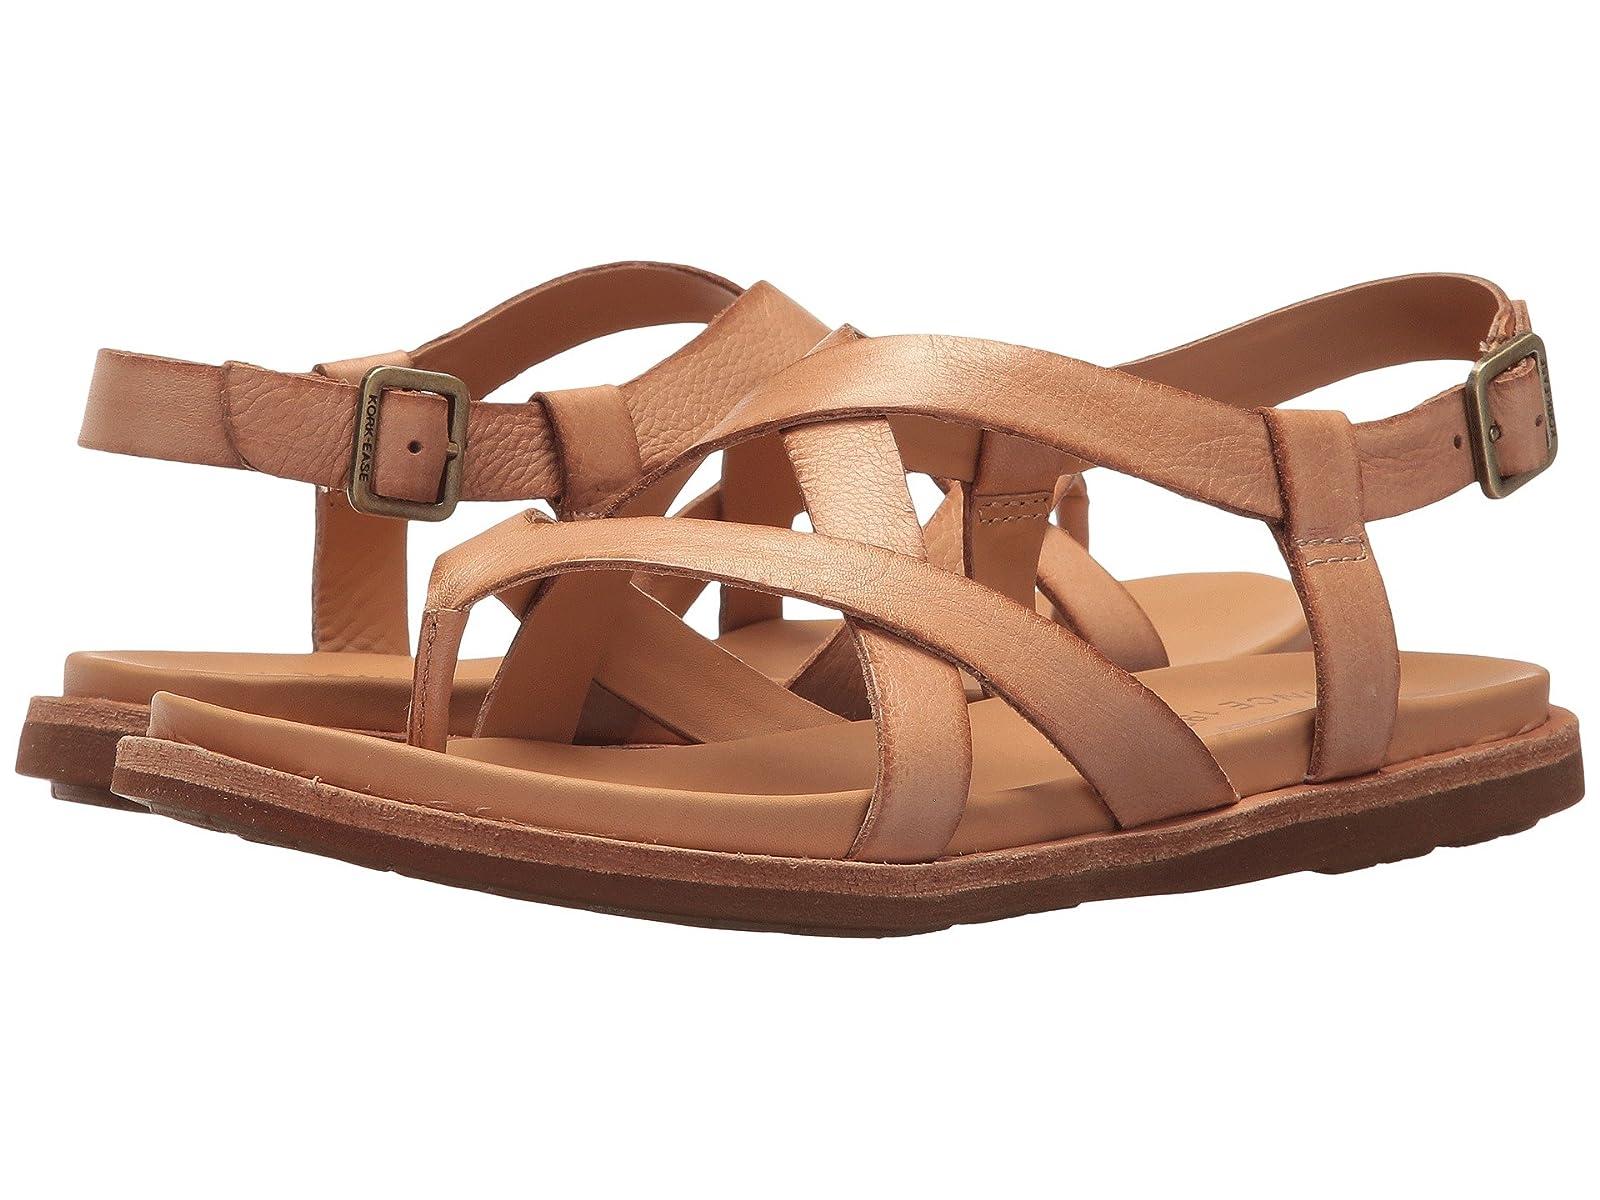 Kork-Ease YarbroughAtmospheric grades have affordable shoes